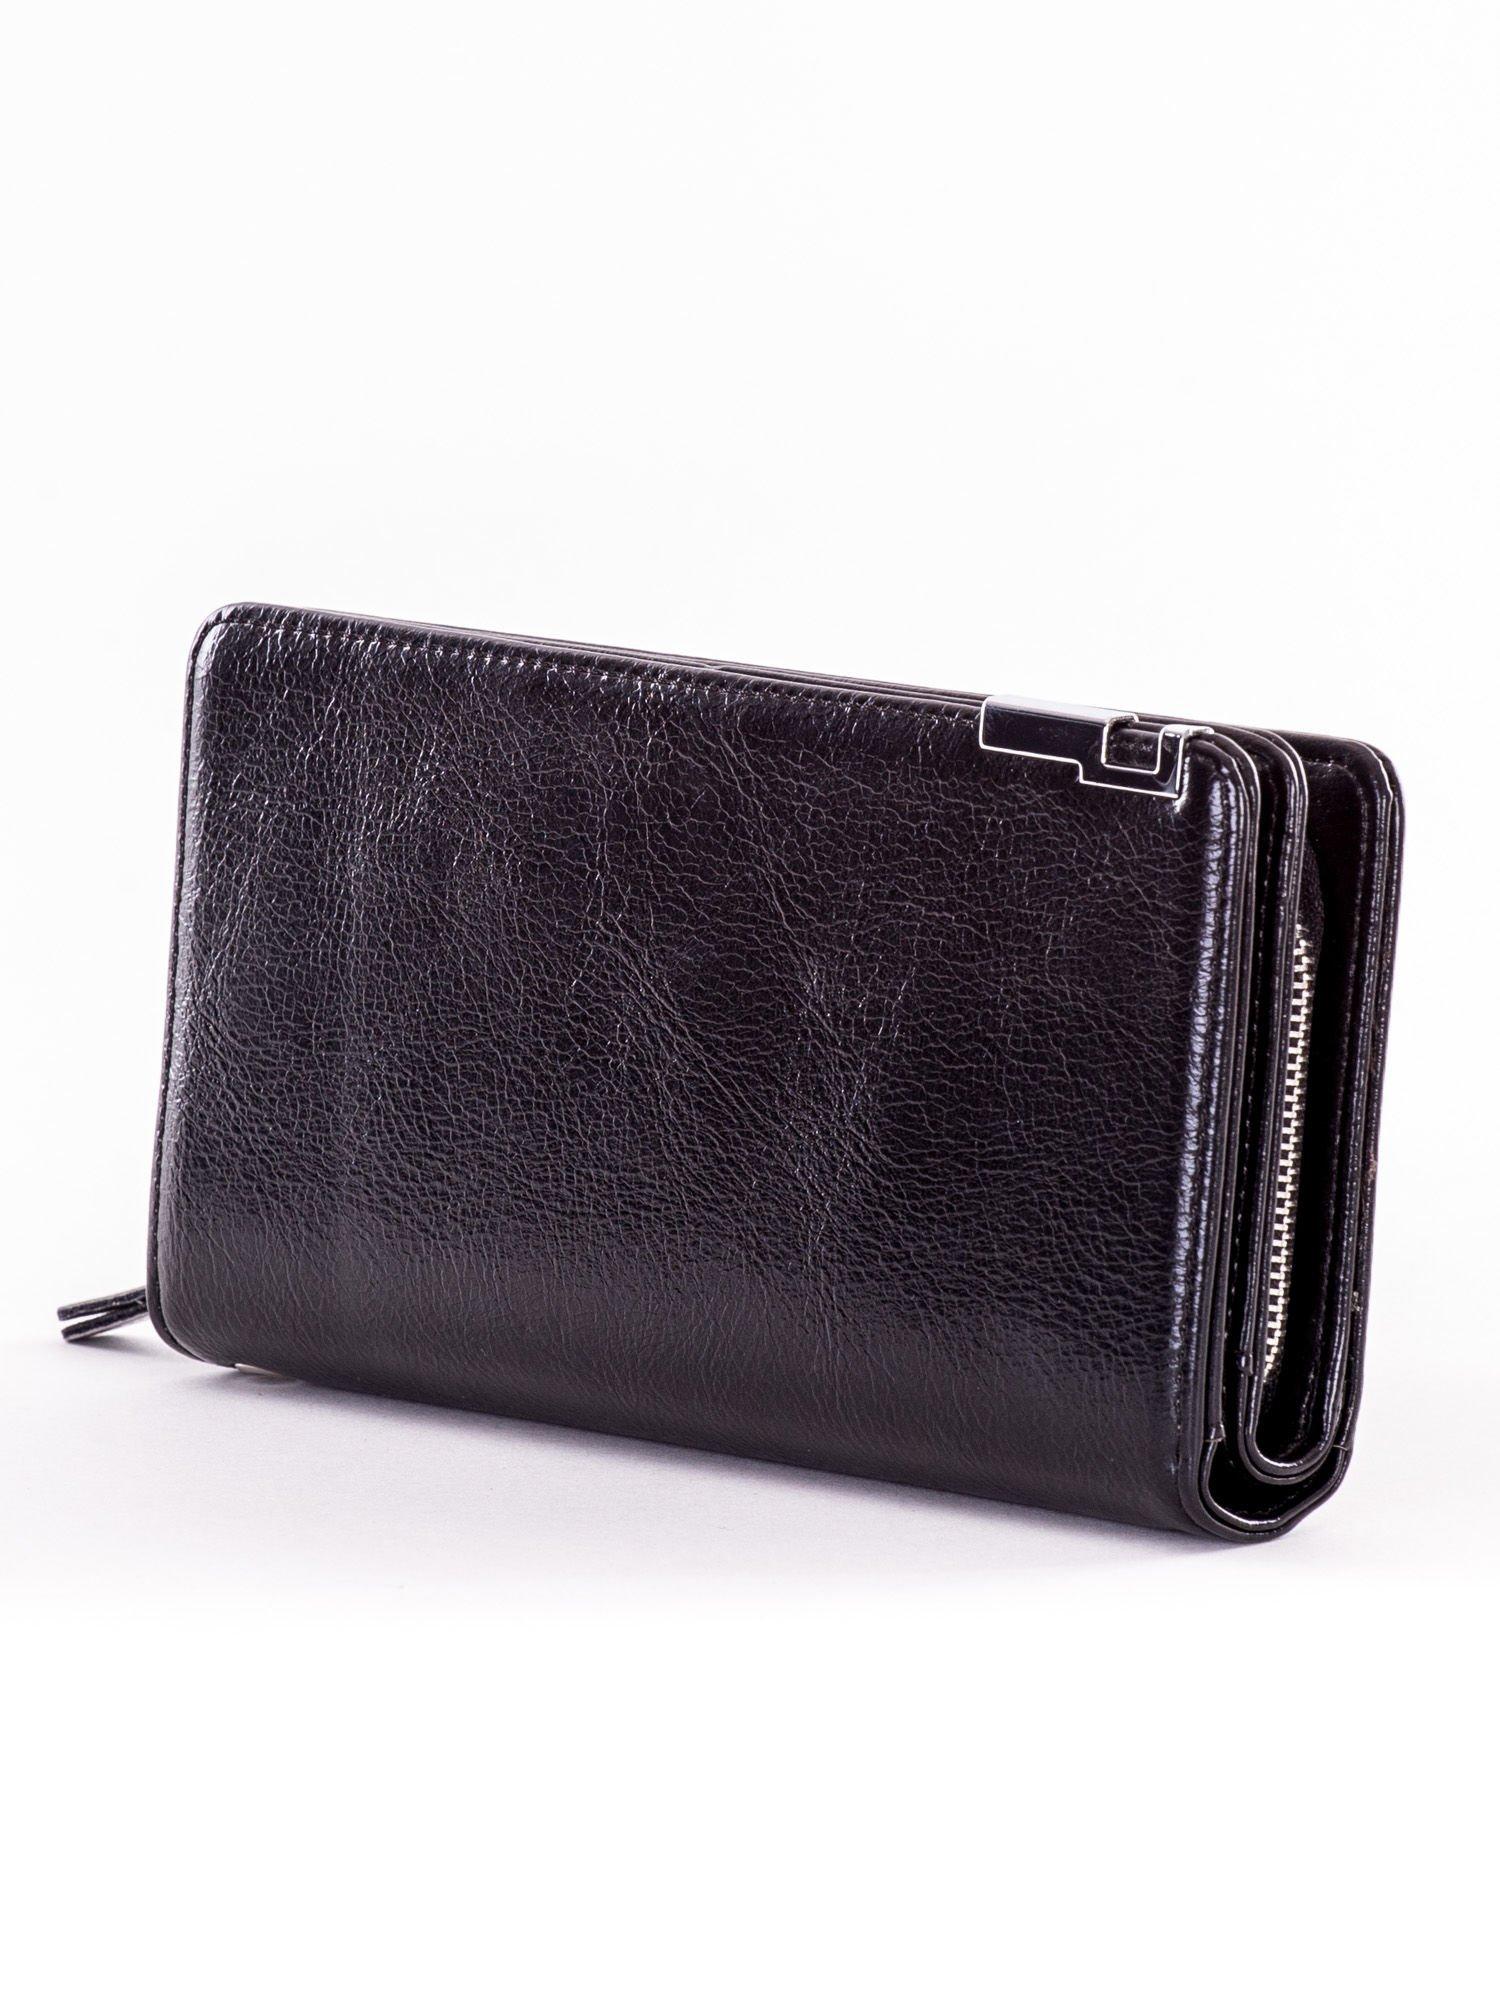 bd94a7cc8302e Czarny matowy długi portfel kopertówka na zamek i zatrzask - Akcesoria  portfele - sklep eButik.pl